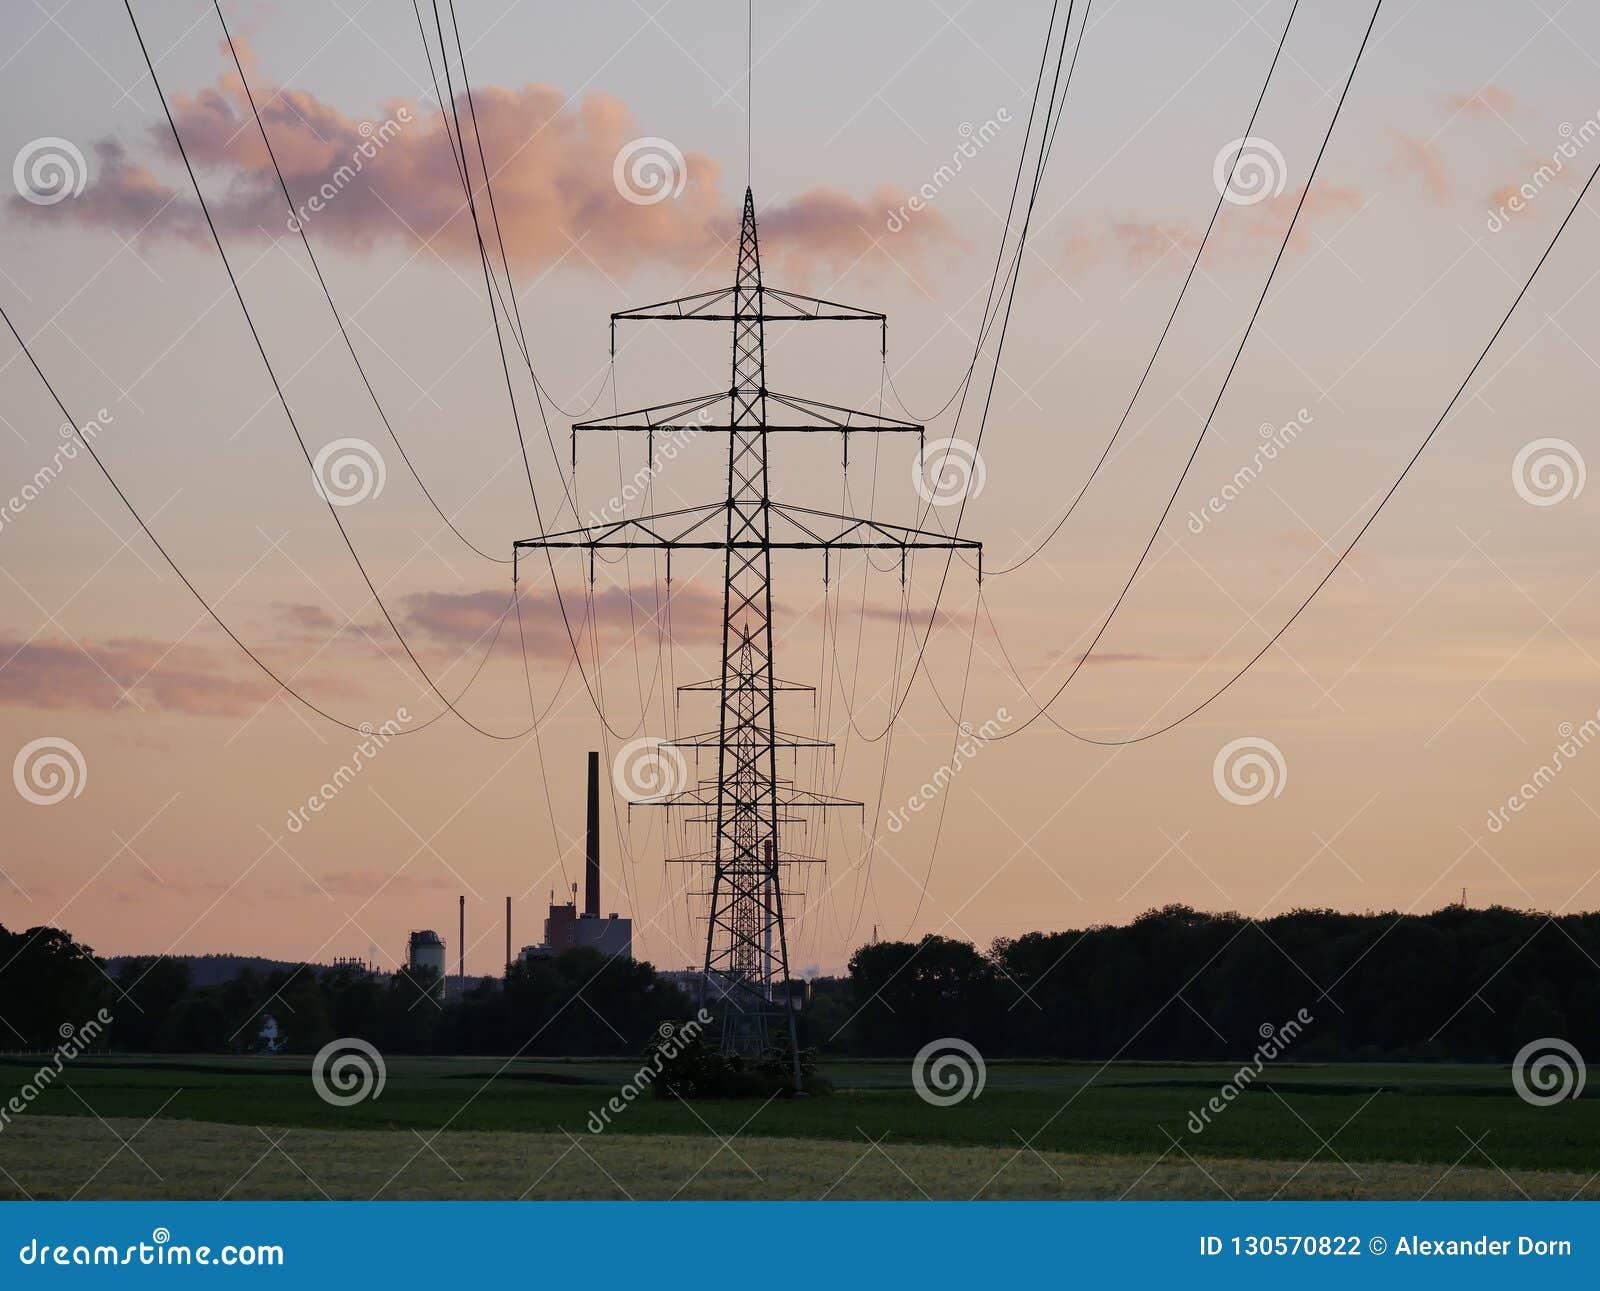 Beeld van machtslijn tijdens zonsondergang met elektrische centrale